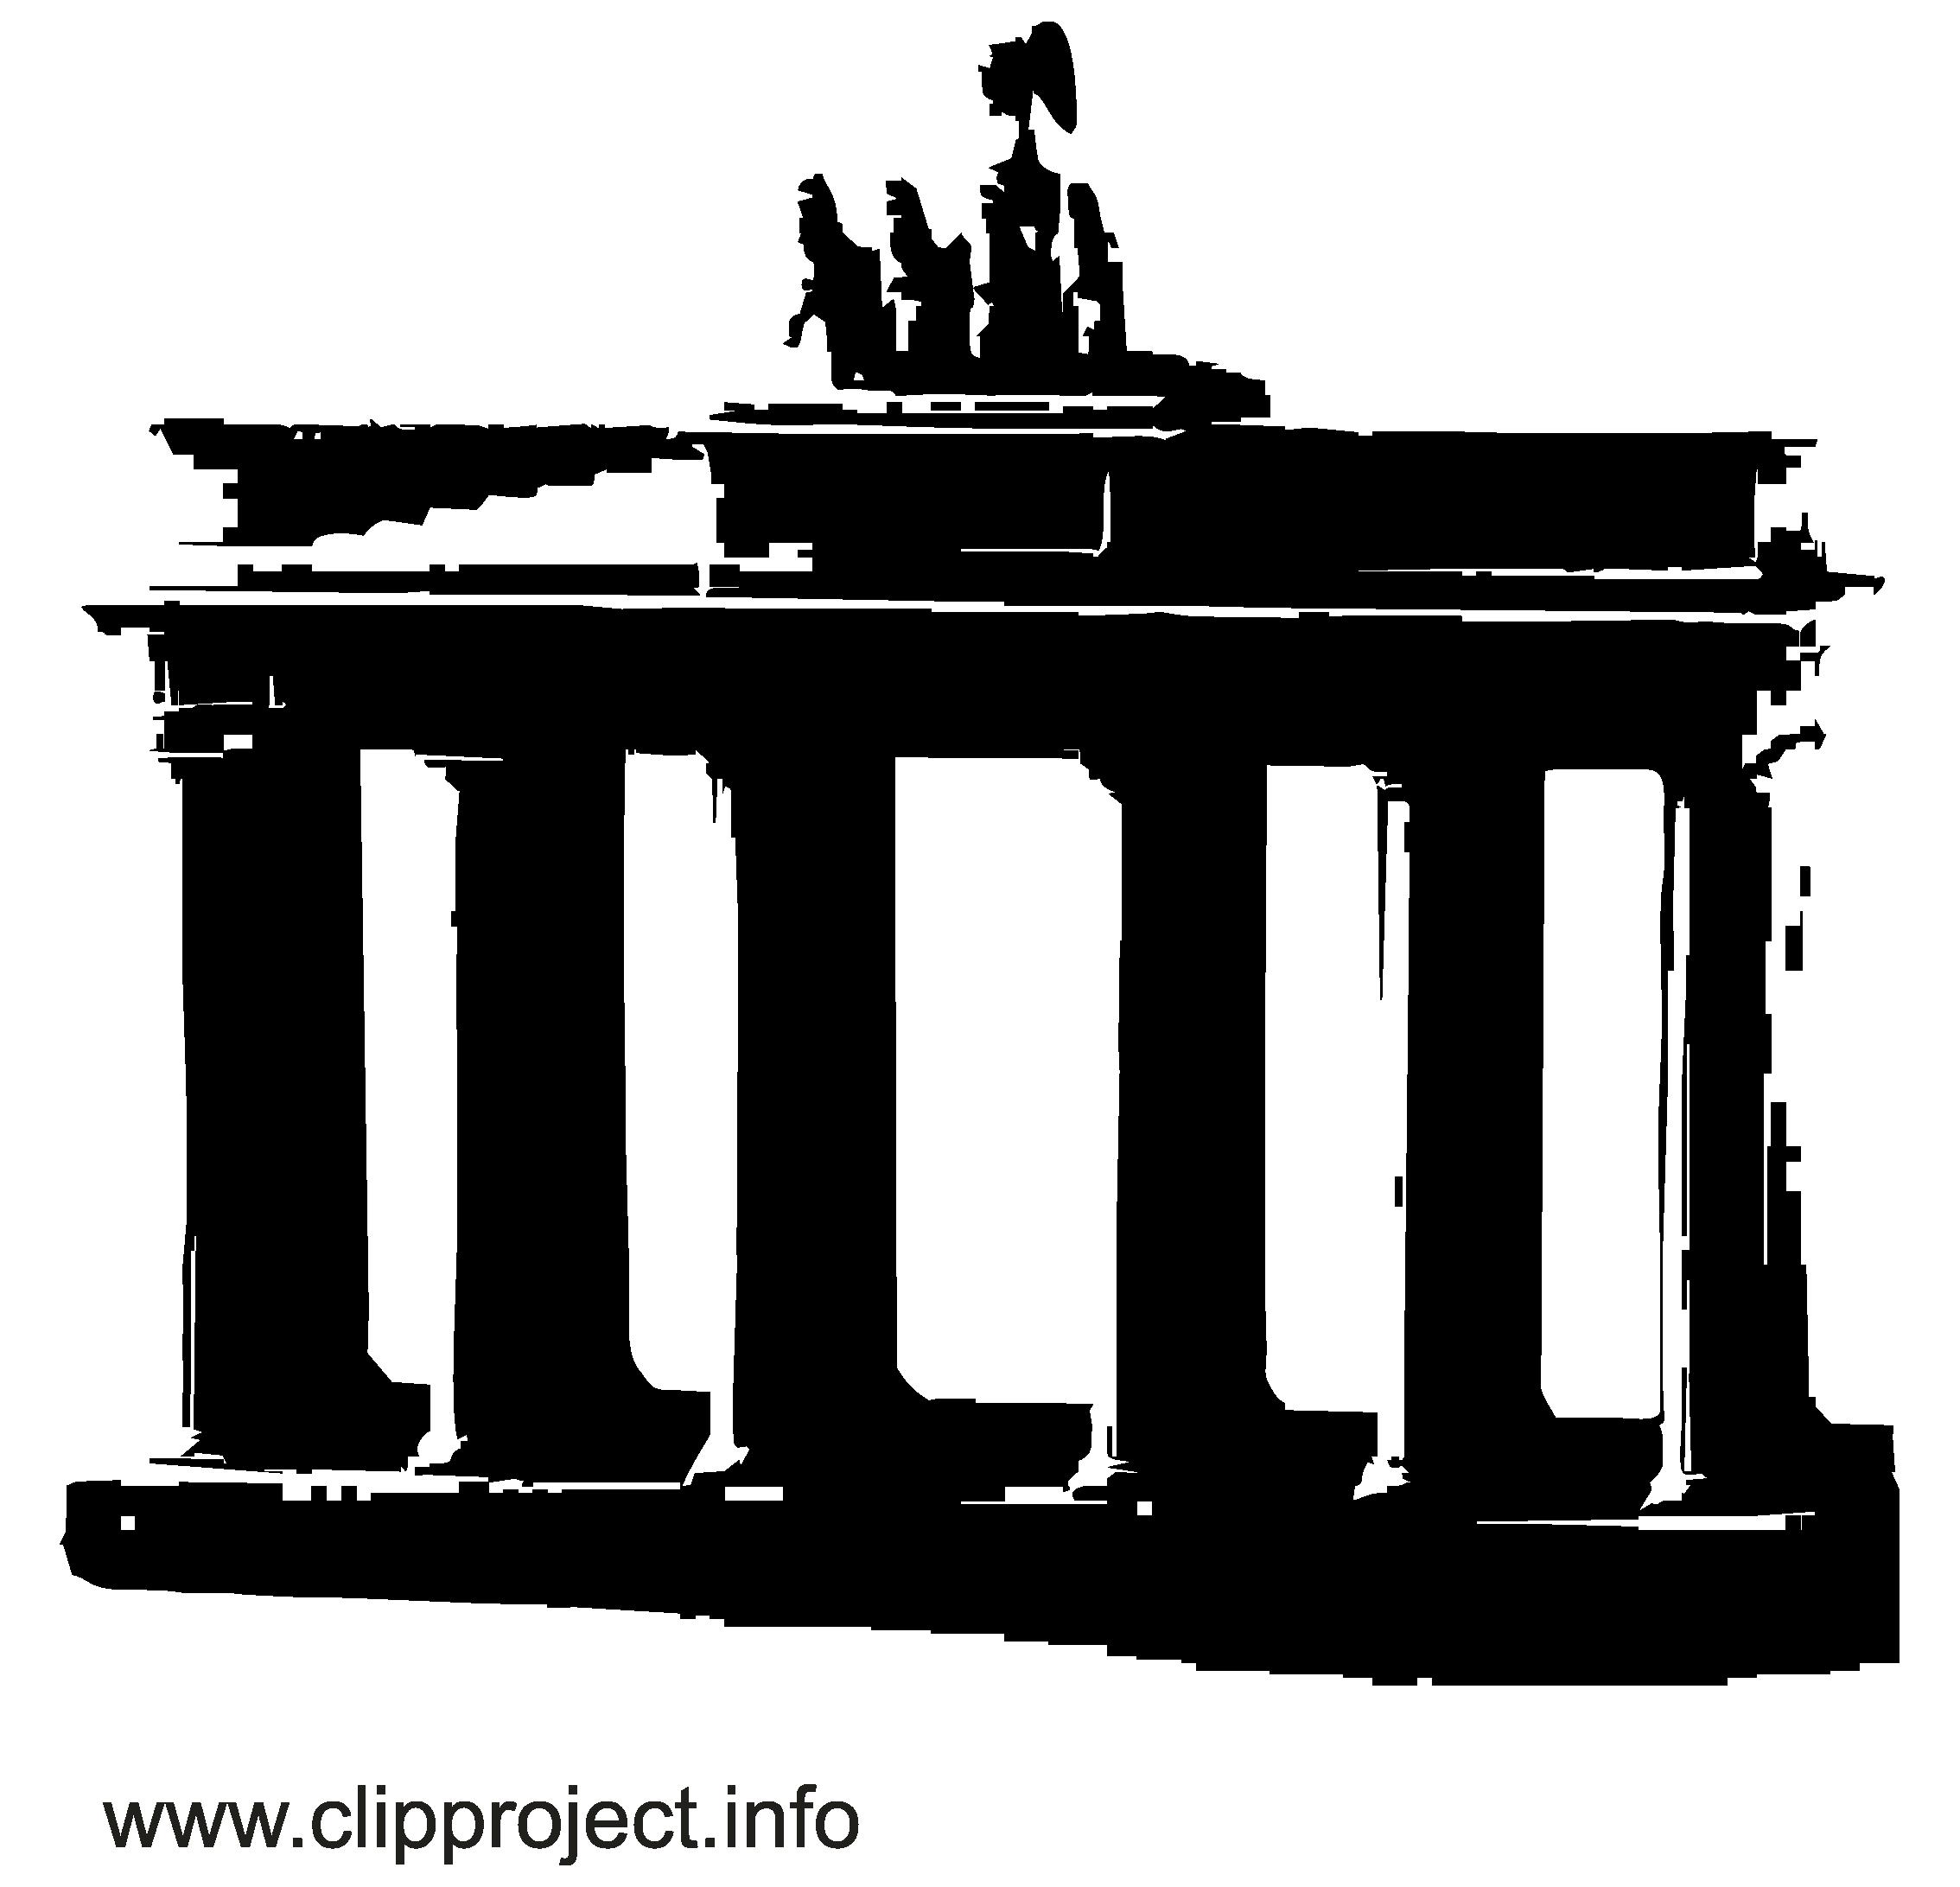 Berlin image gratuite - Noir et blanc illustration